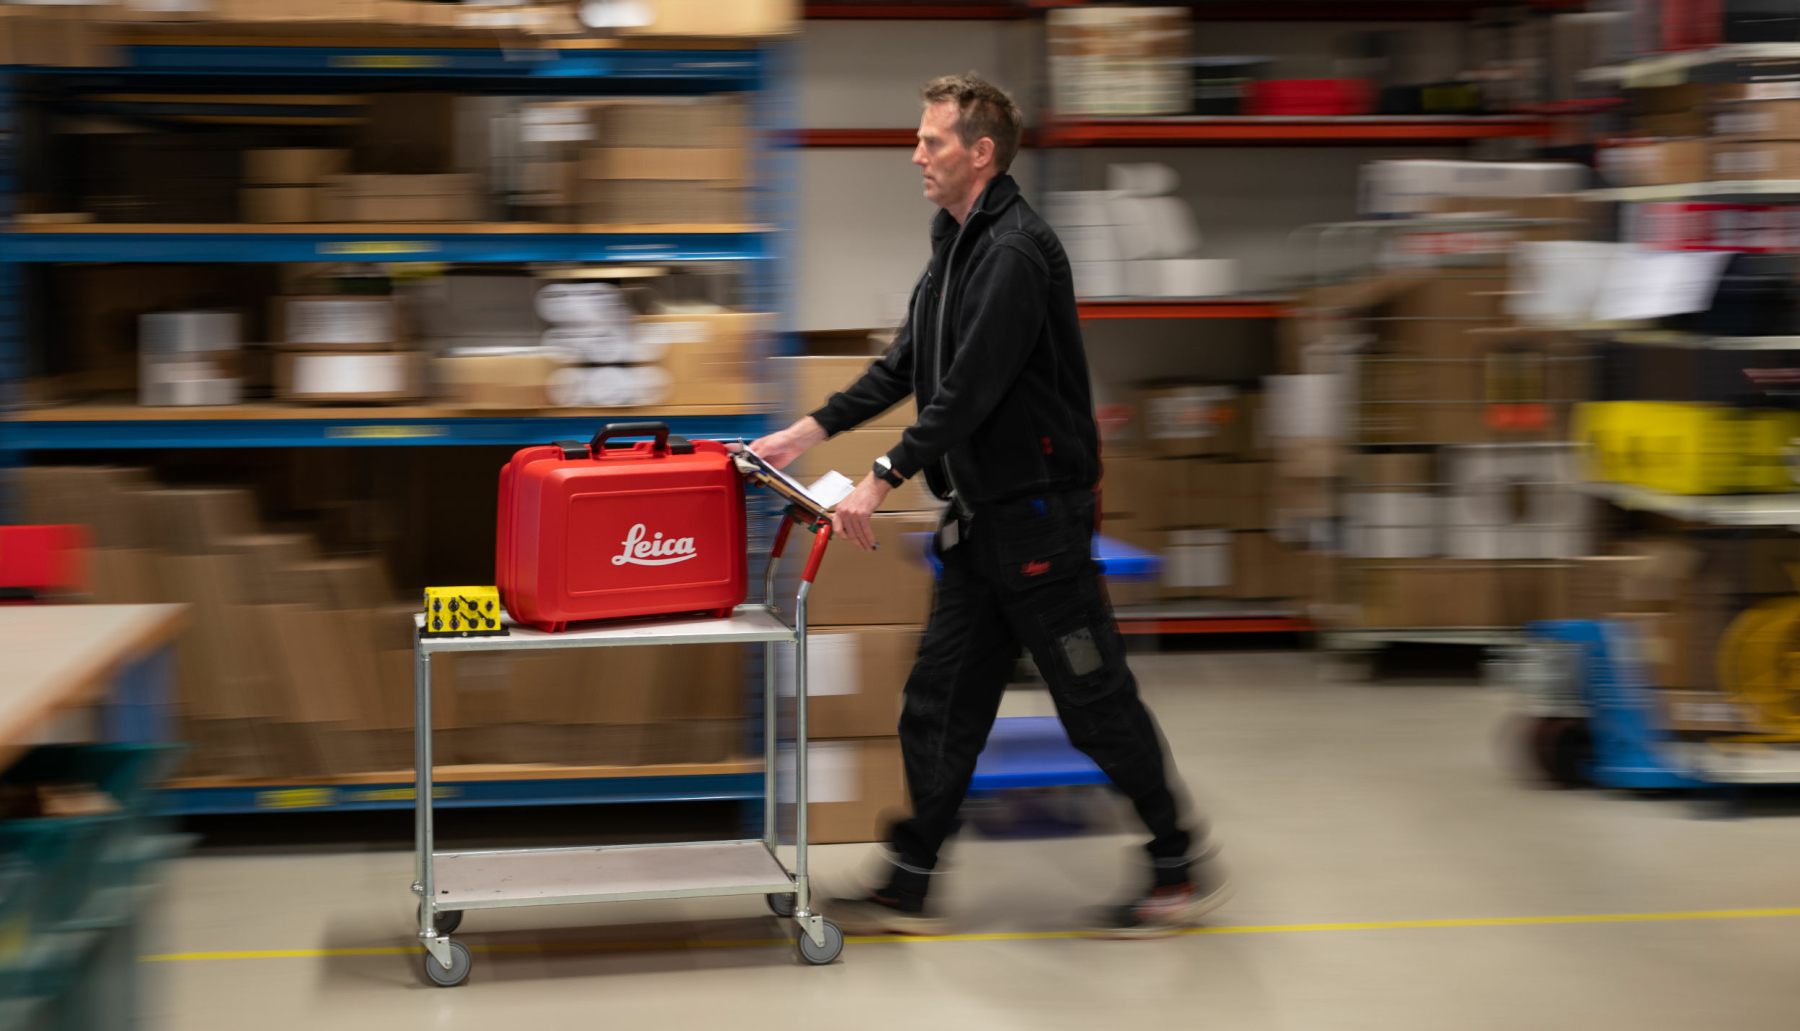 <strong>KNIRKEFRITT:</strong> På lageret sørger Rogeir Gotheim for at deler og utstyr er på rett sted til rett tid.